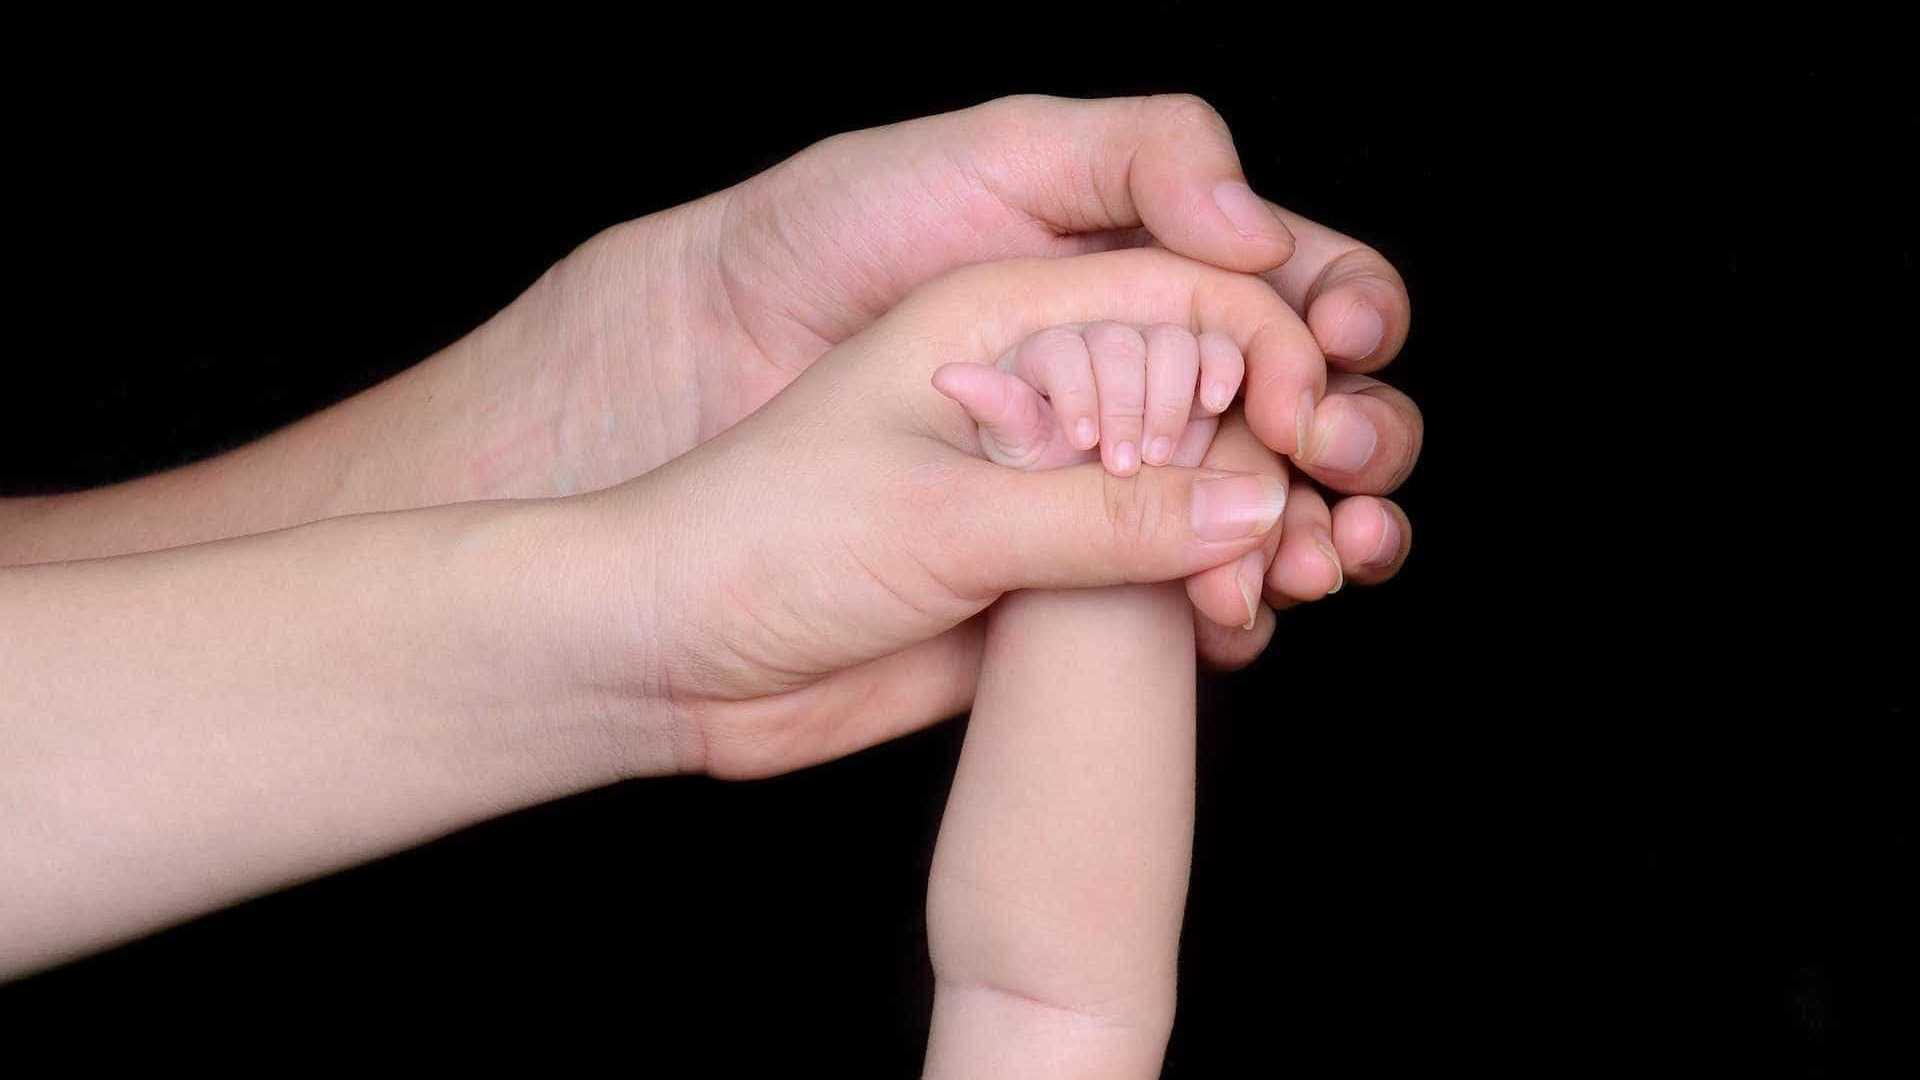 naom 5a6b5f3d62bcd - Homem espanca a própria mãe e a esposa que estava com bebê no colo